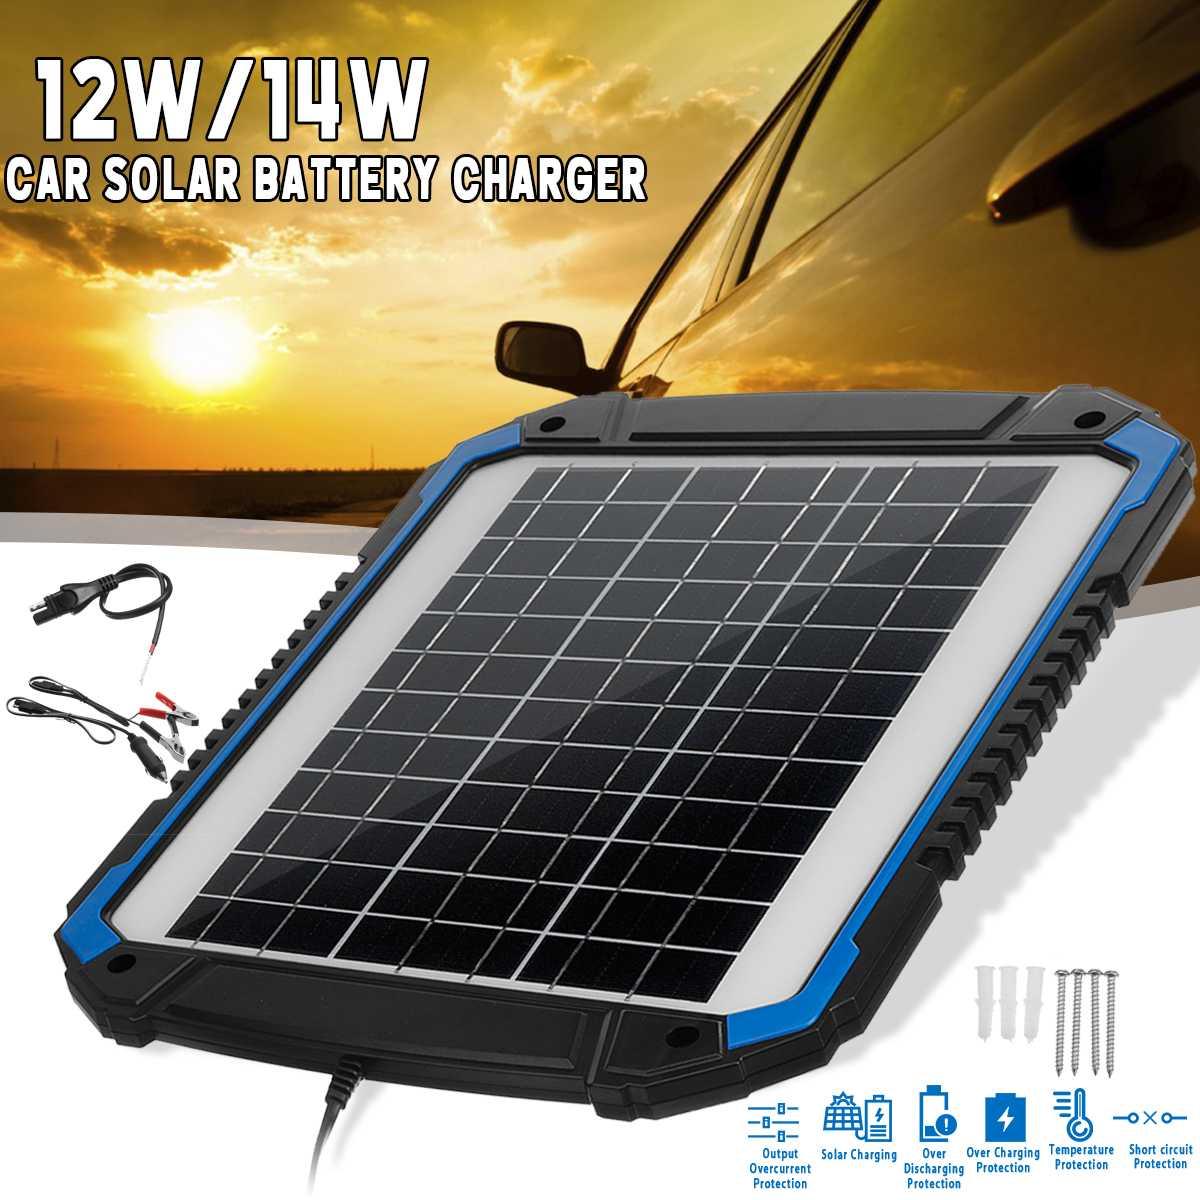 Panneau solaire Trickle chargeur de batterie mainteneur 12/14 W pour voiture véhicule charge multifonction Protection 3m-panneau longueur de câble